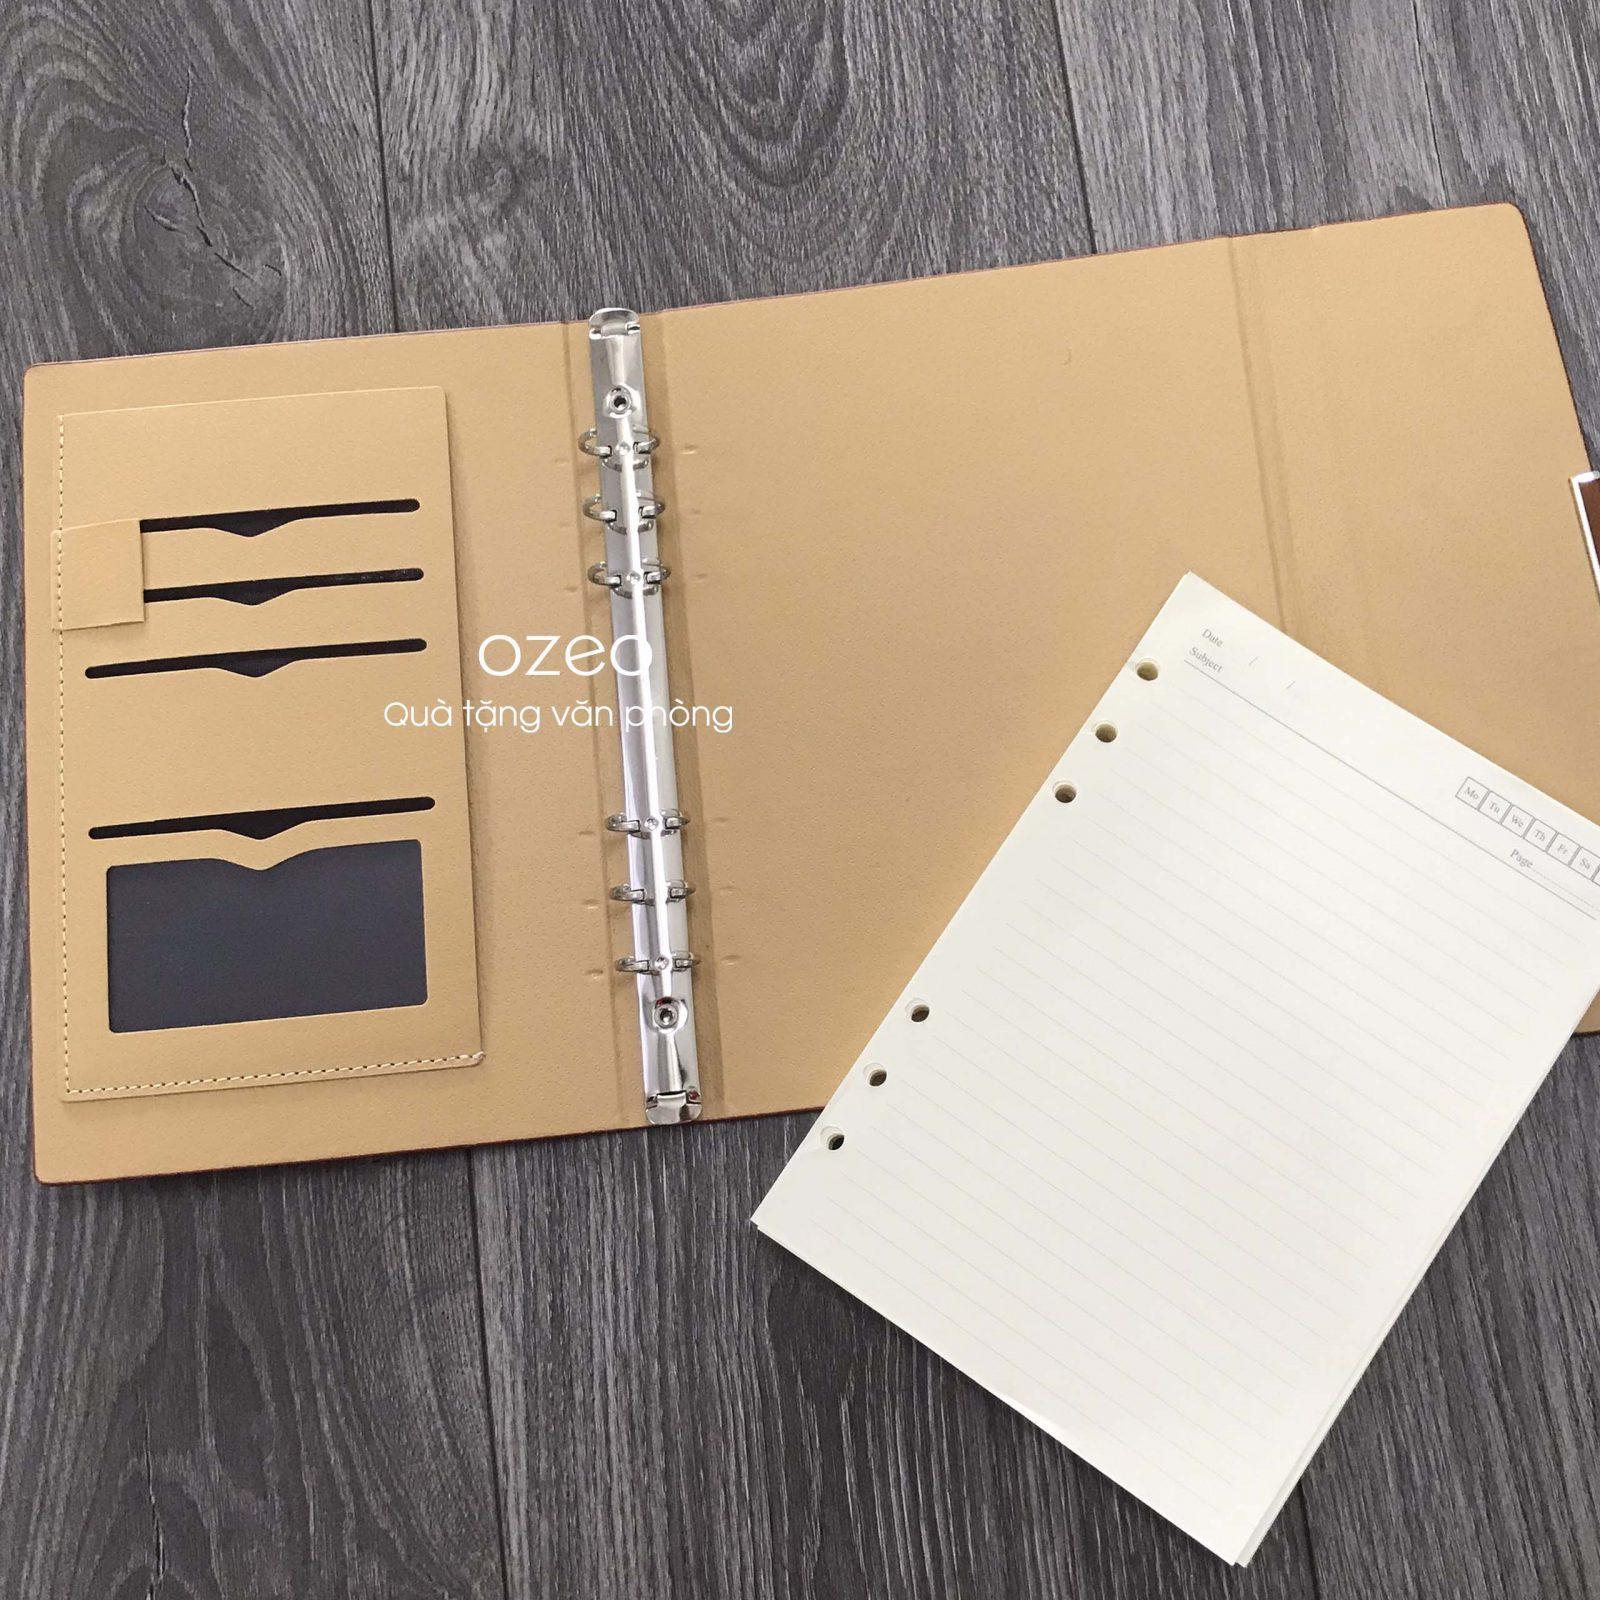 Bên trong bìa sổ có các ngăn đựng card và giắt bút tiện lợi